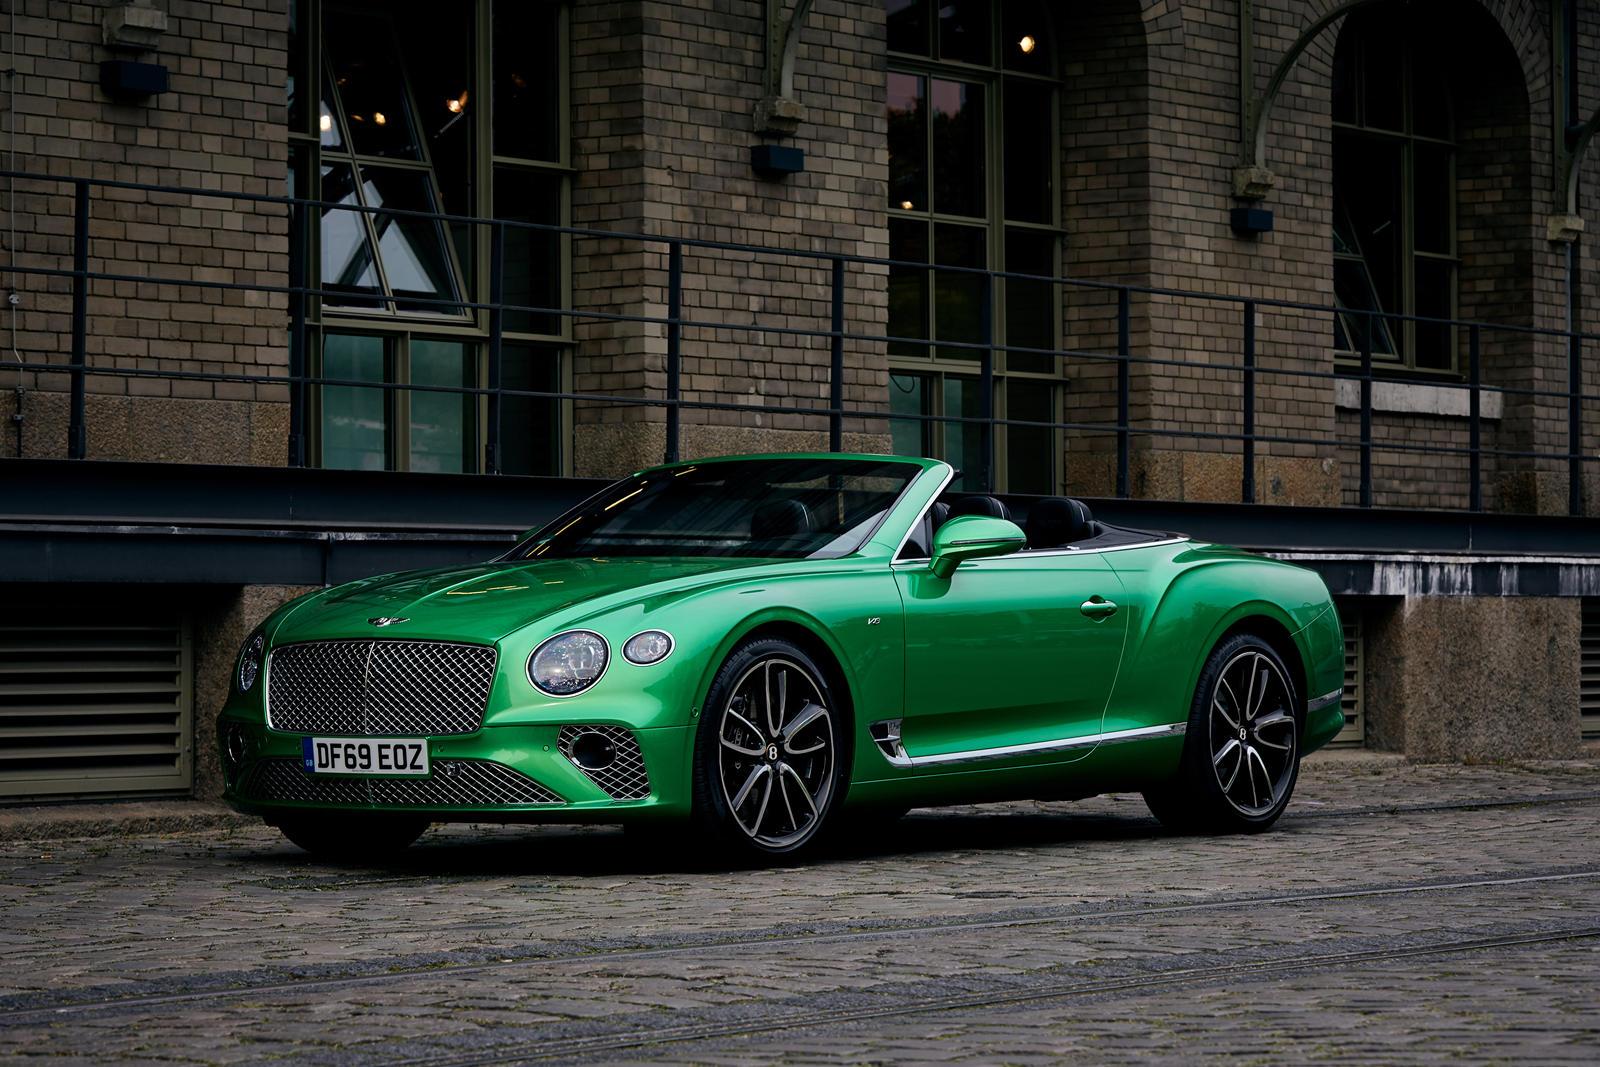 Конкурс, получивший название «Конкурс дизайна Bentley Mulliner Bacalar», позволил коллегам Bentley и их семьям разработать уникальное лакокрасочное покрытие для Bacalar, которое, кажется, выглядит величественно, независимо от его цвета. Победителем с